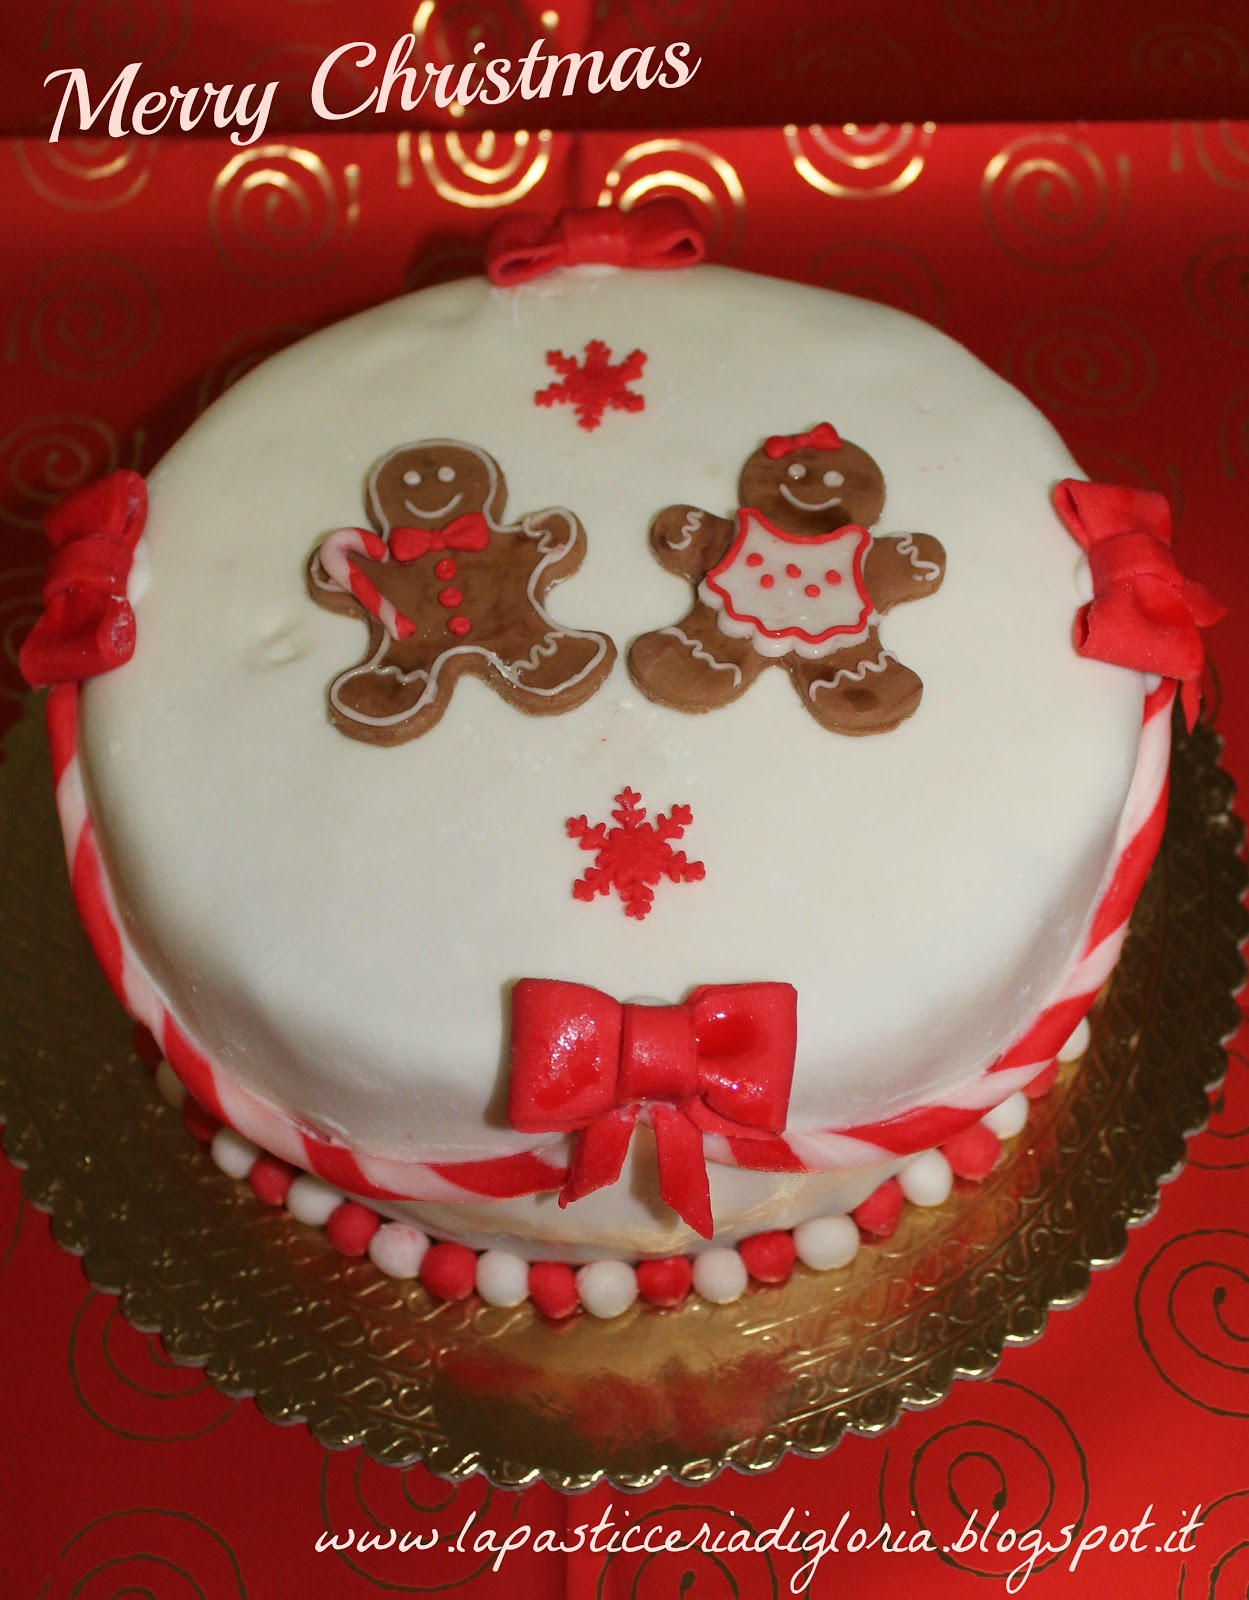 La pasticceria di gloria torte natalizie - Torte natalizie decorate ...